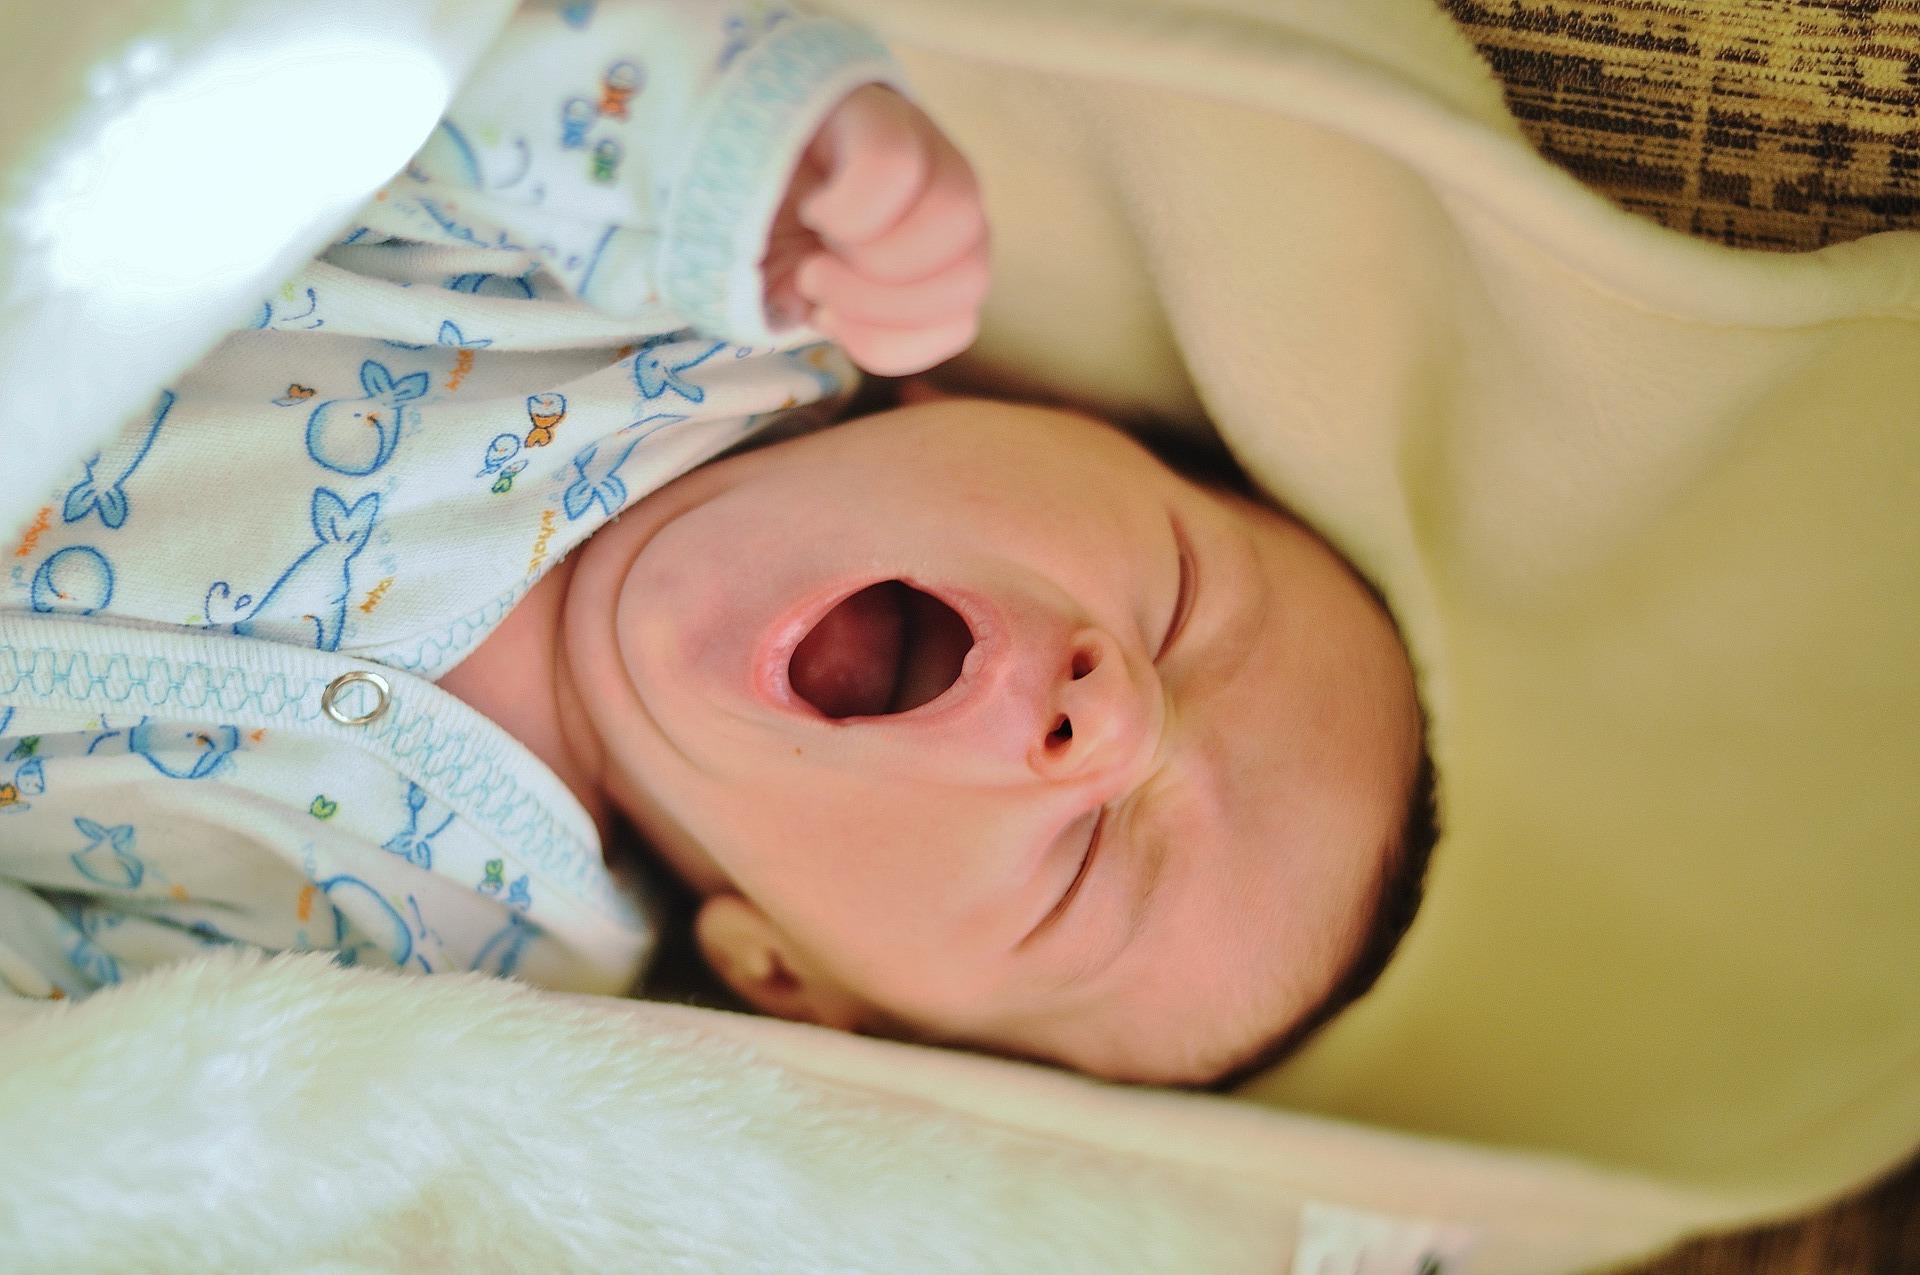 Il bambino con le difese immunitarie non ancora sviluppate acquisisce i batteri che possono trovare nella sua bocca un habitat idoneo